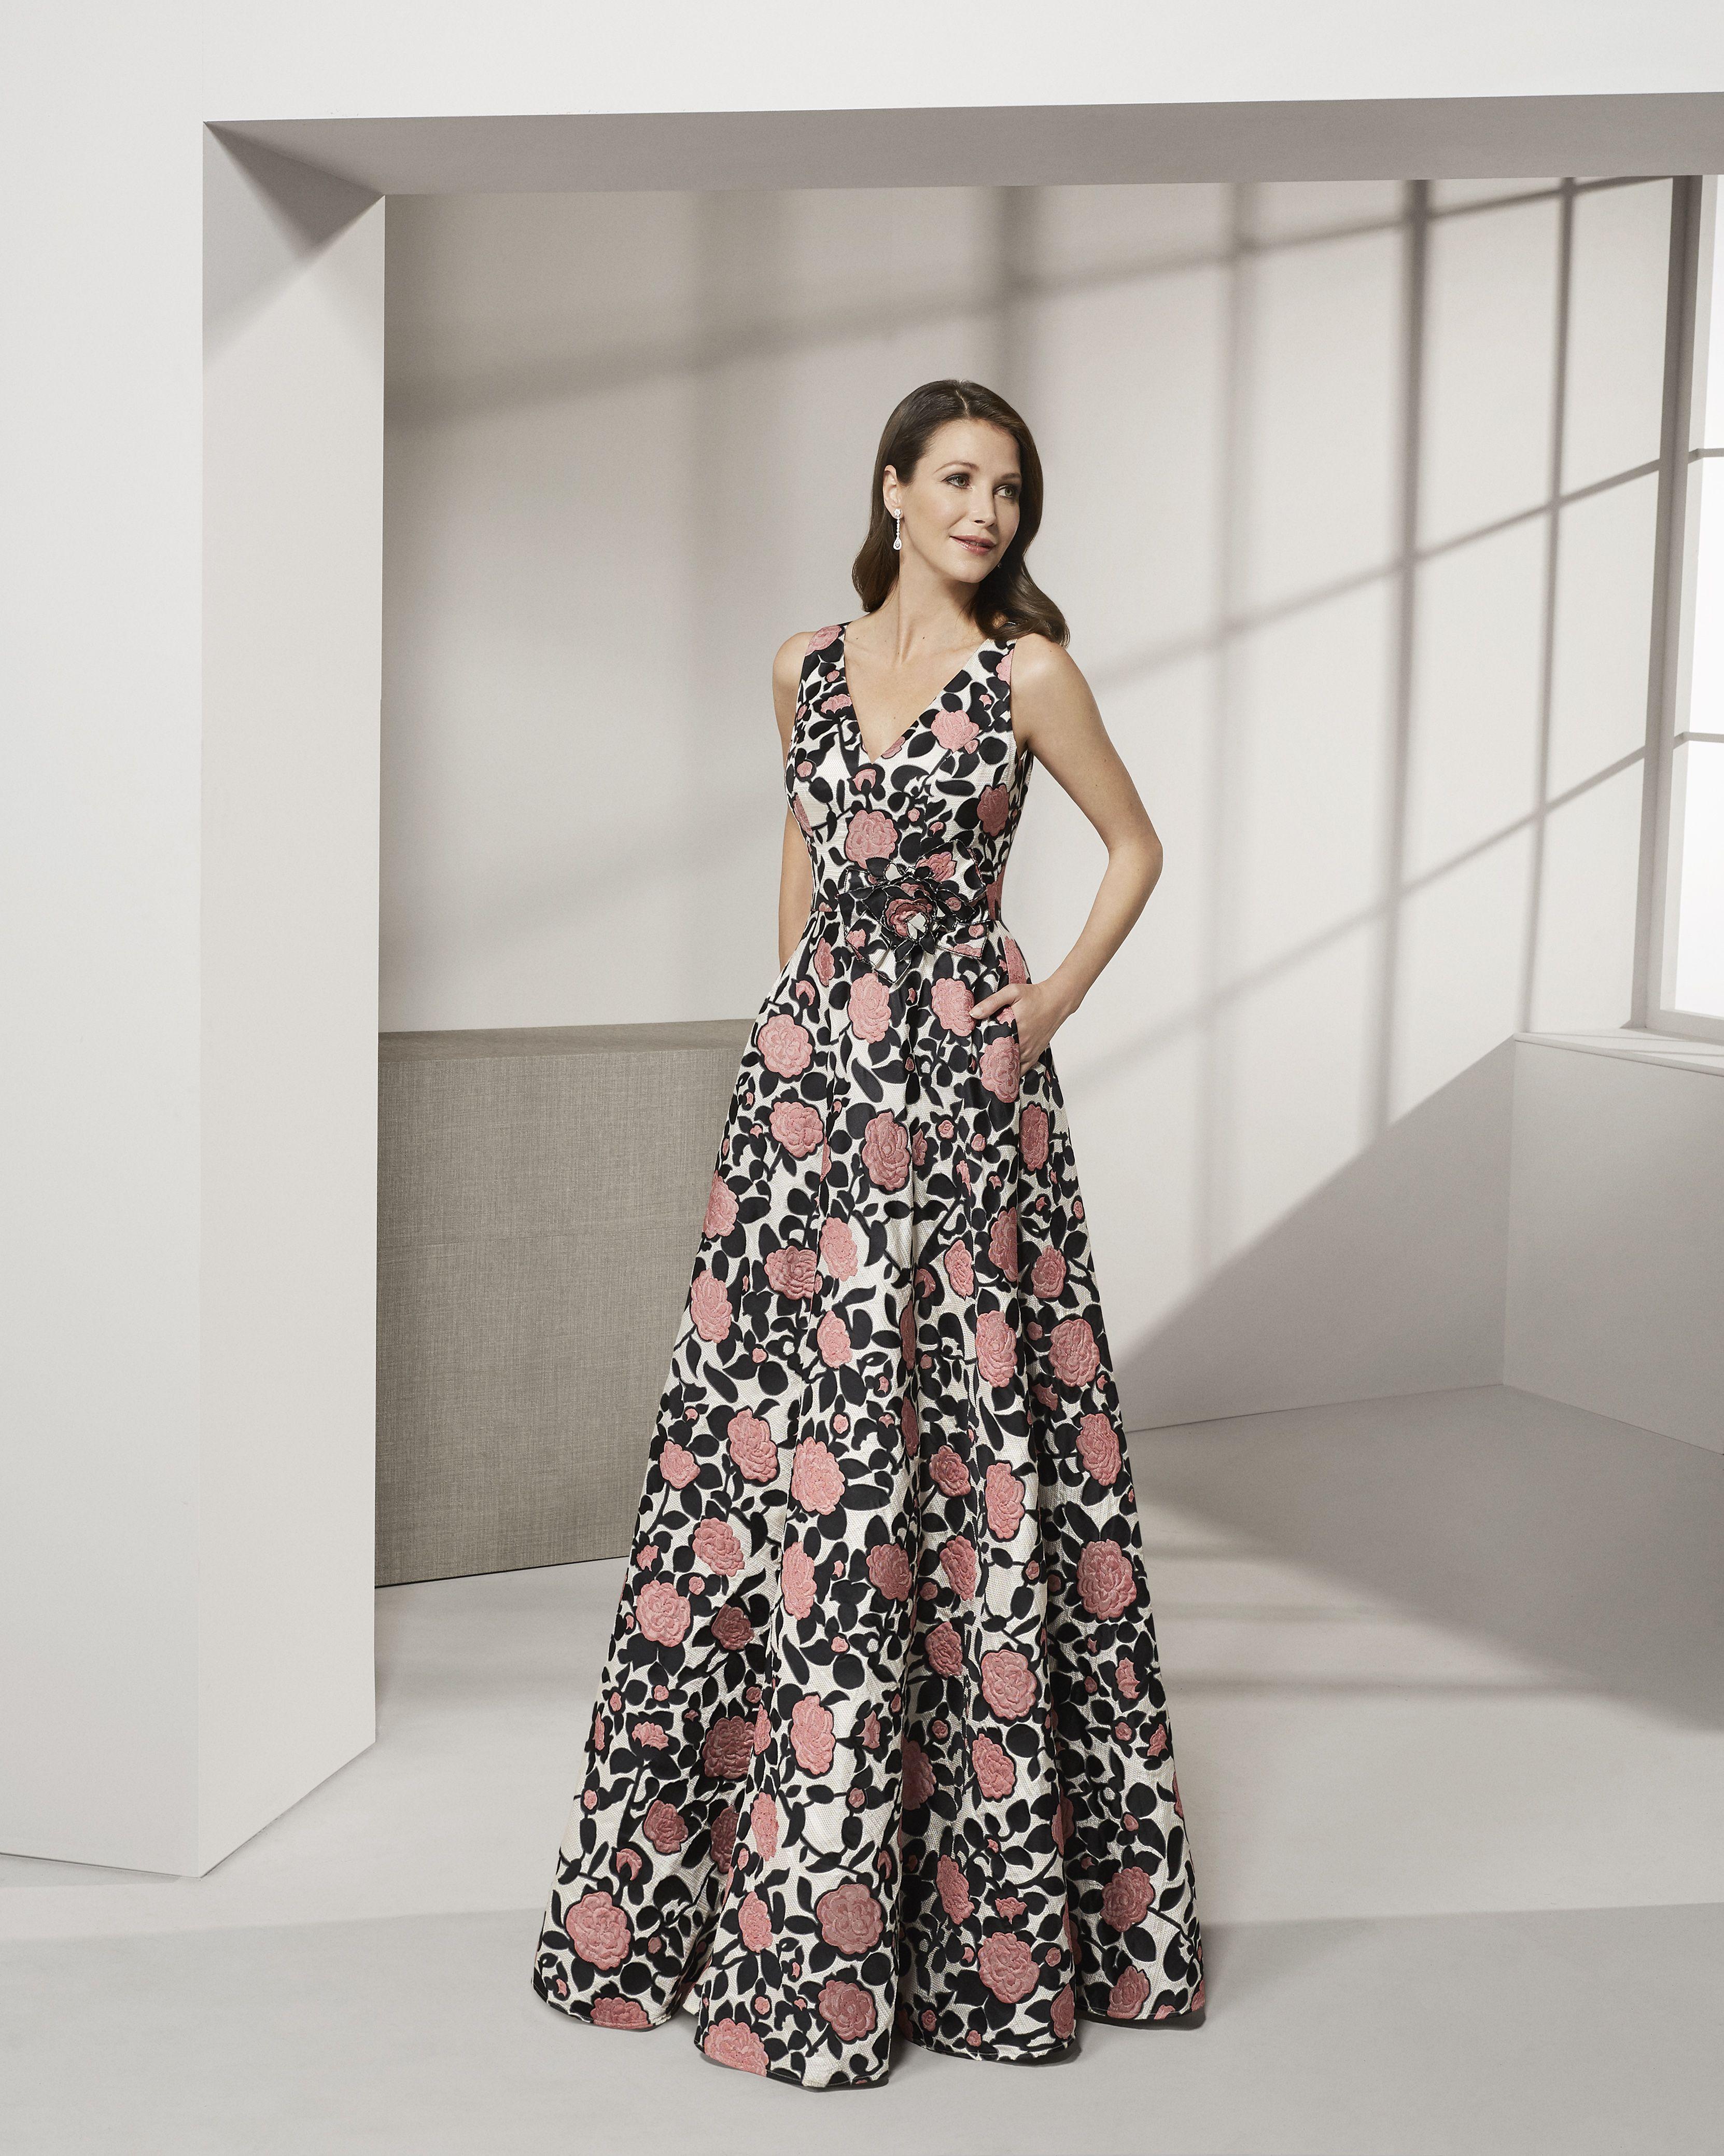 83523eaf42 2019 ROSA CLARA COCKTAIL Collection — Vestido de fiesta largo en brocado.  Escote V con corte en cintura. Colección ROSA CLARA COCKTAIL 2019.